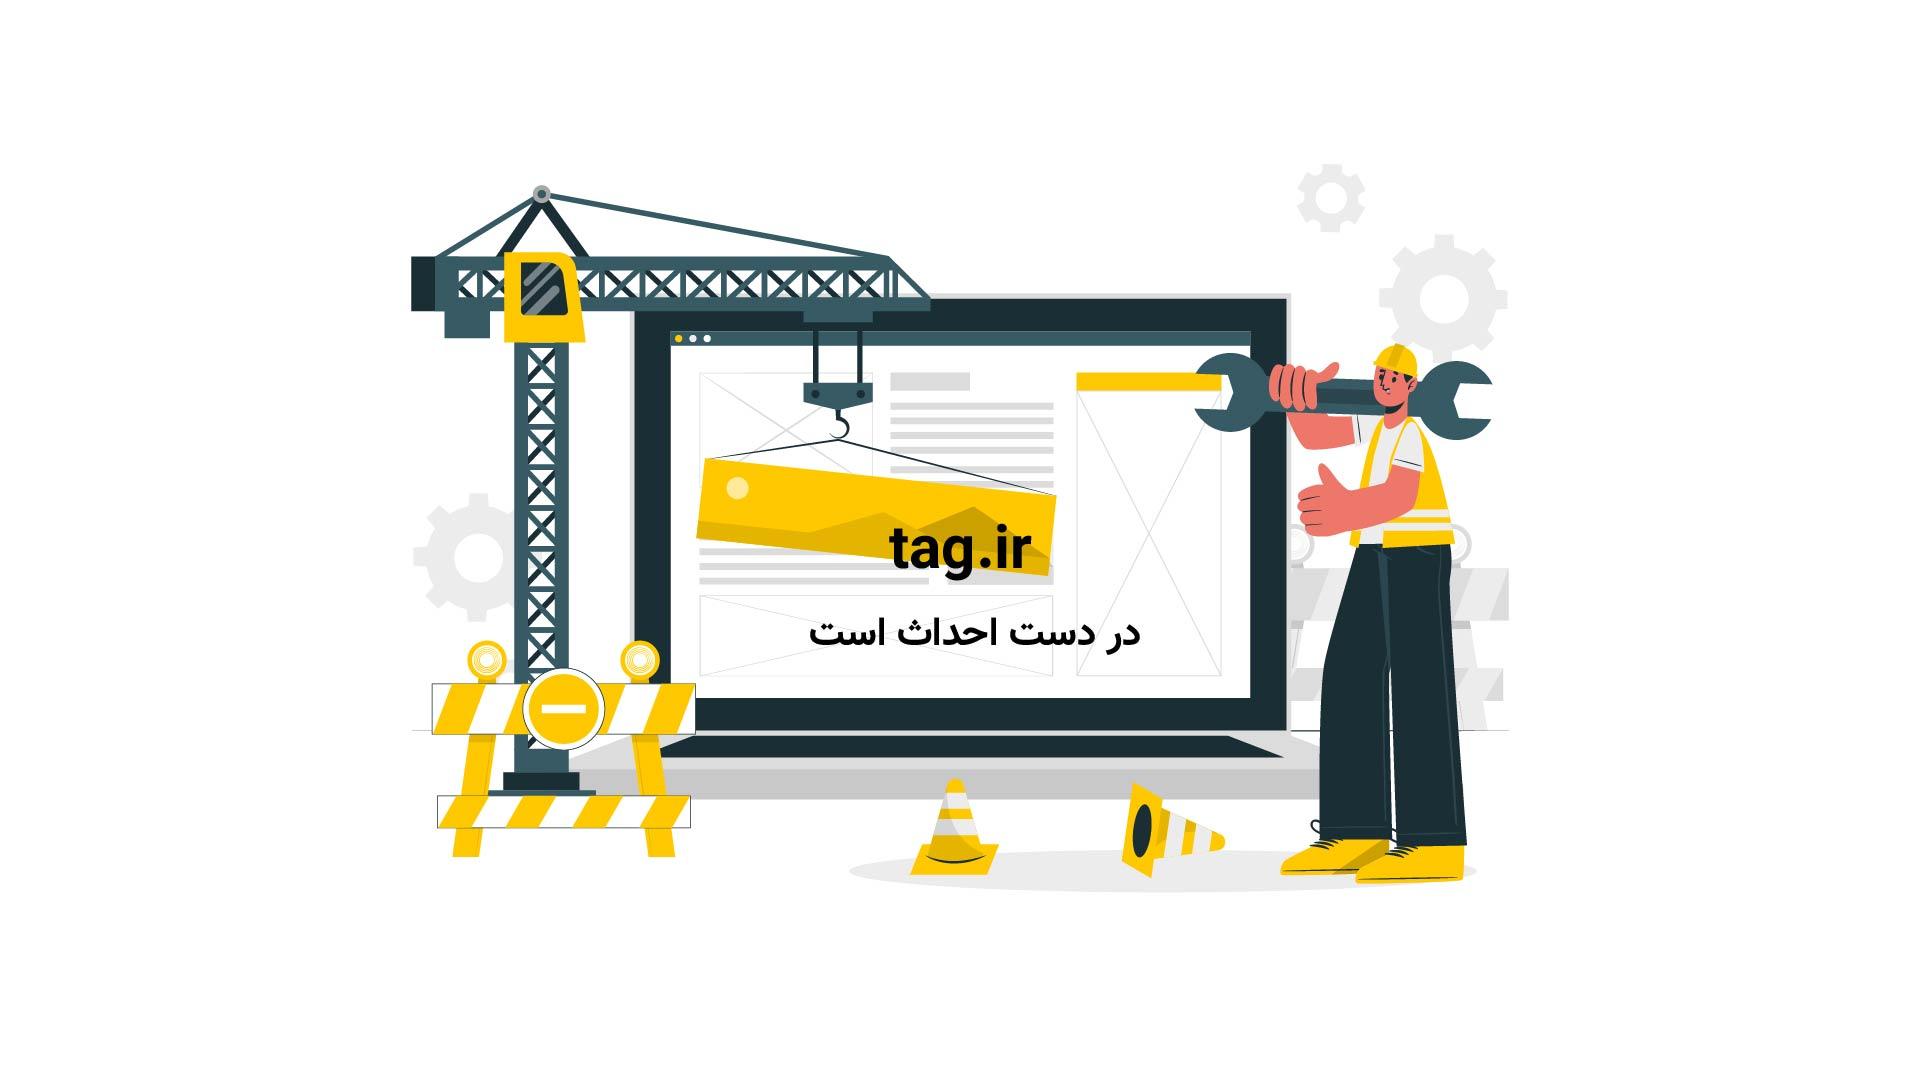 نشست-خبری-دکتر-روحانی | تگ